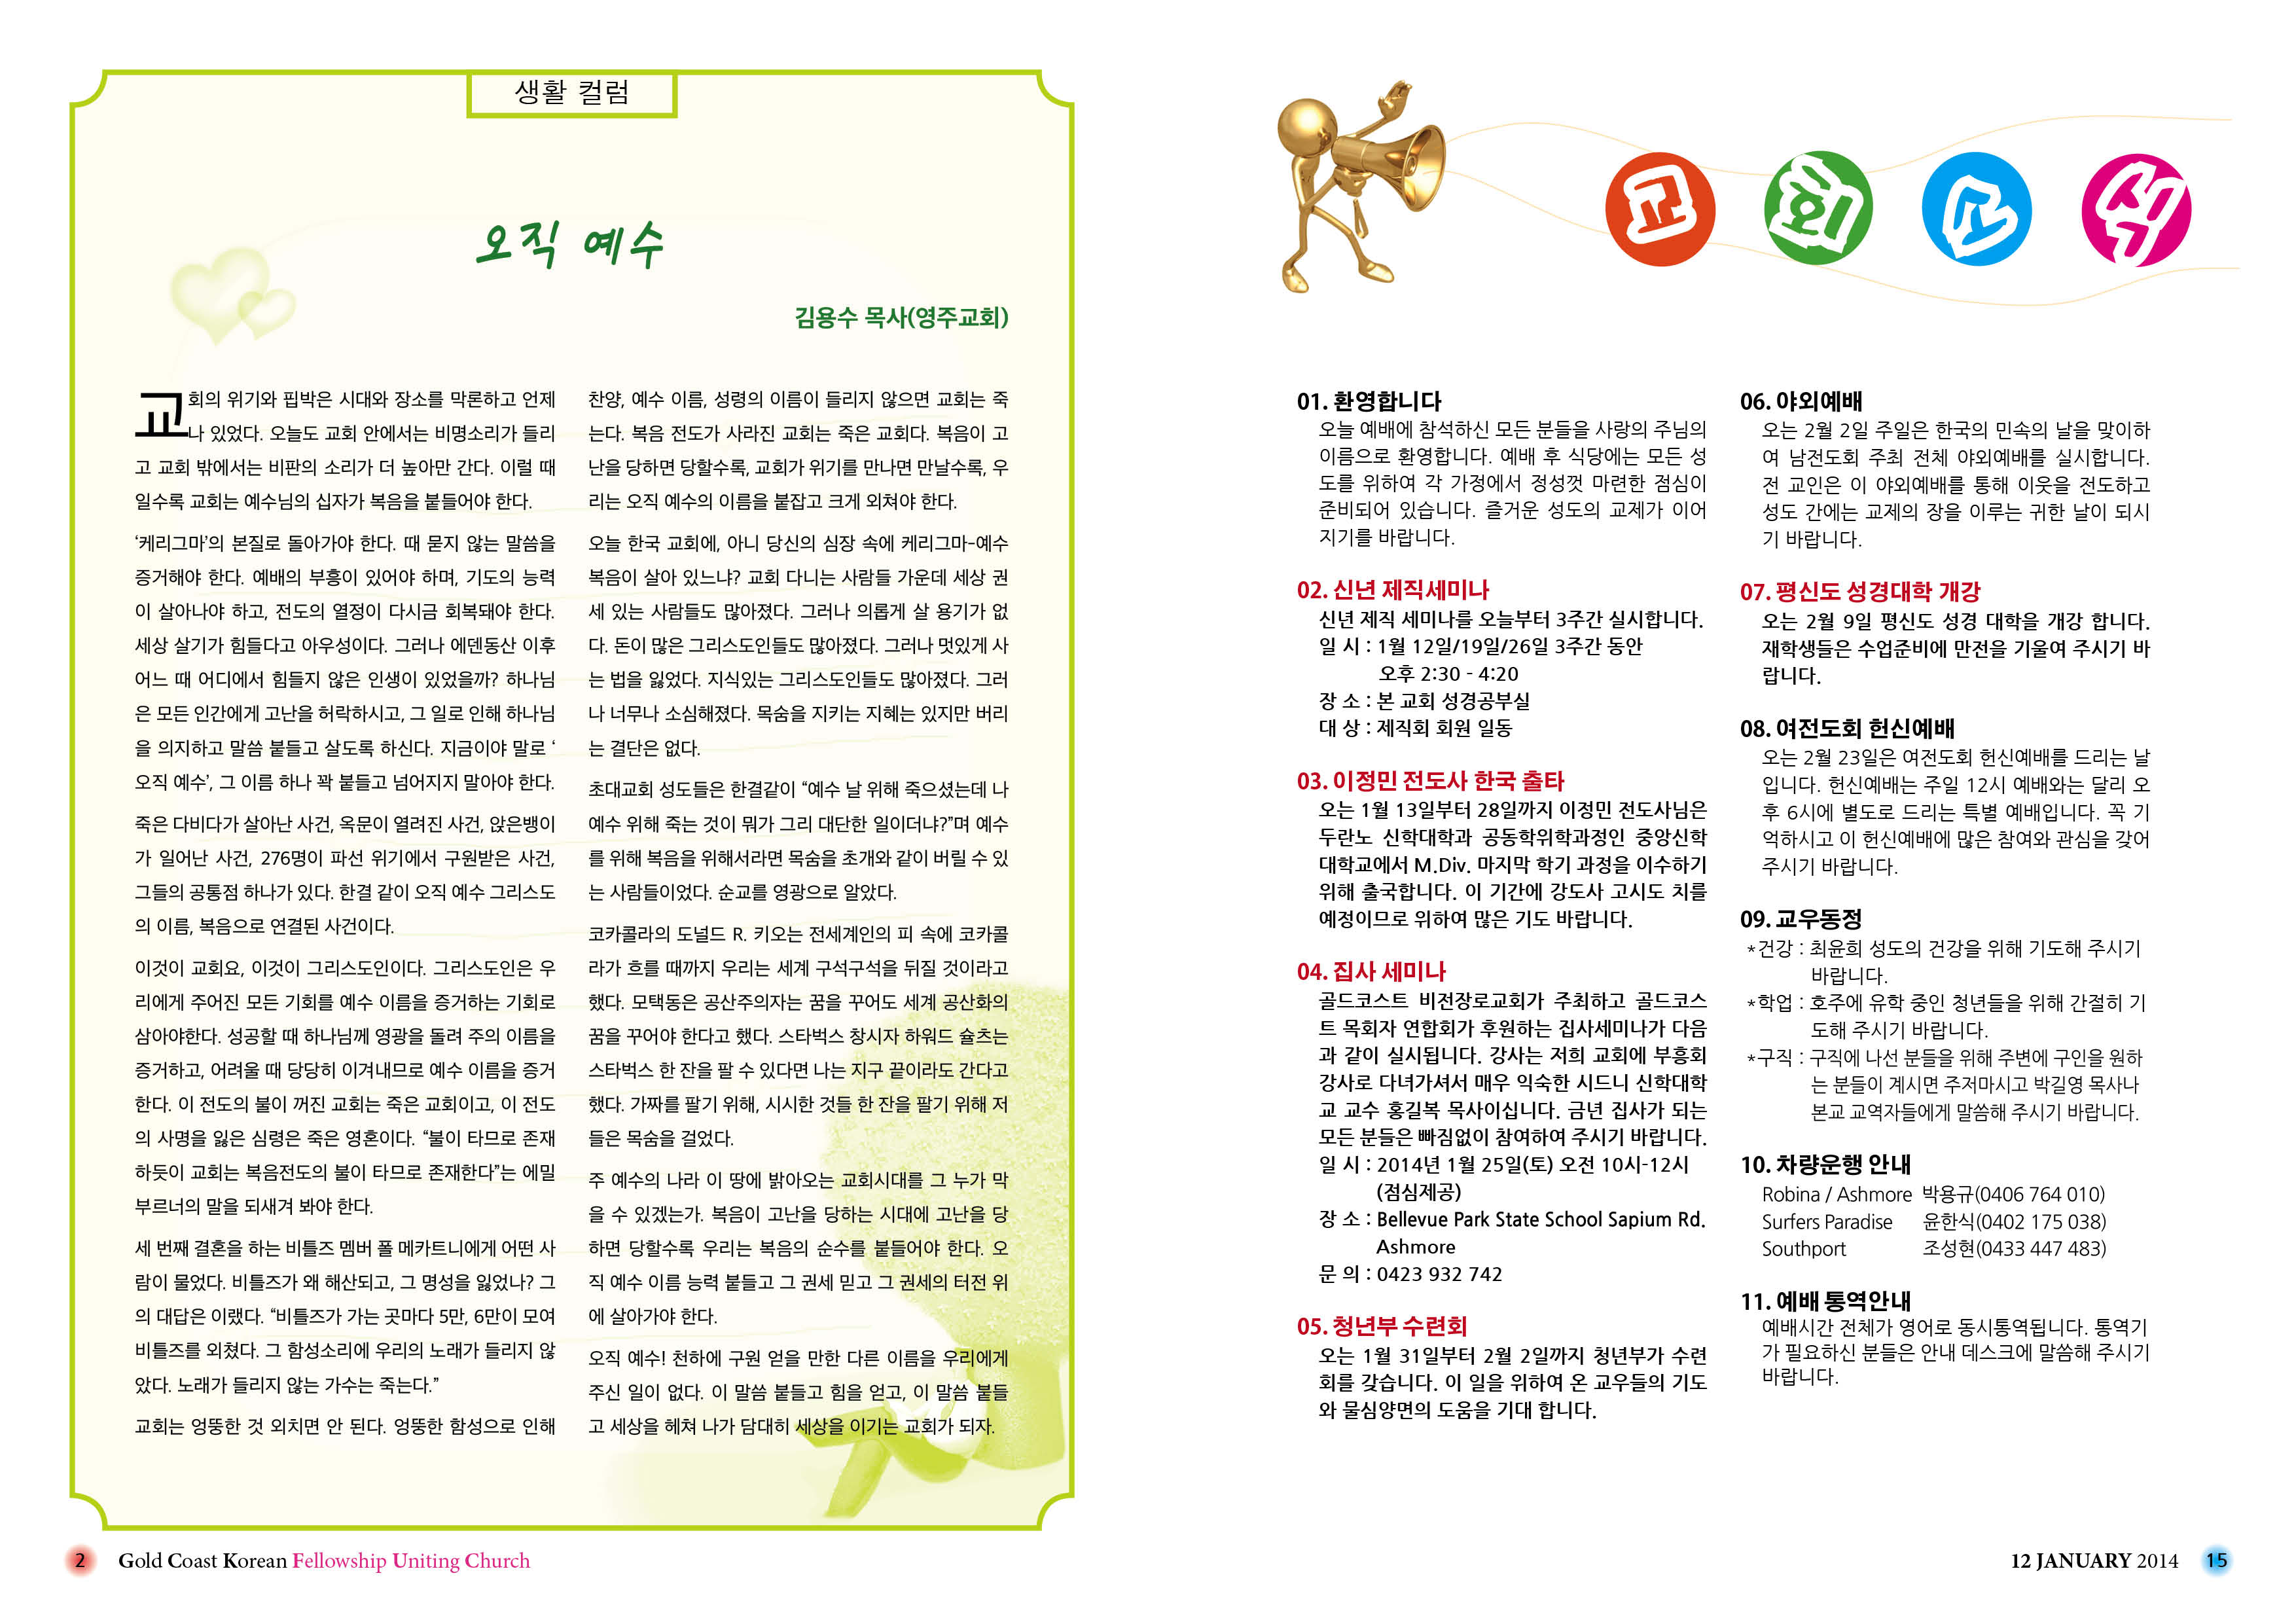 2014.01.12 주보 프린트(2차 수정)2.jpg